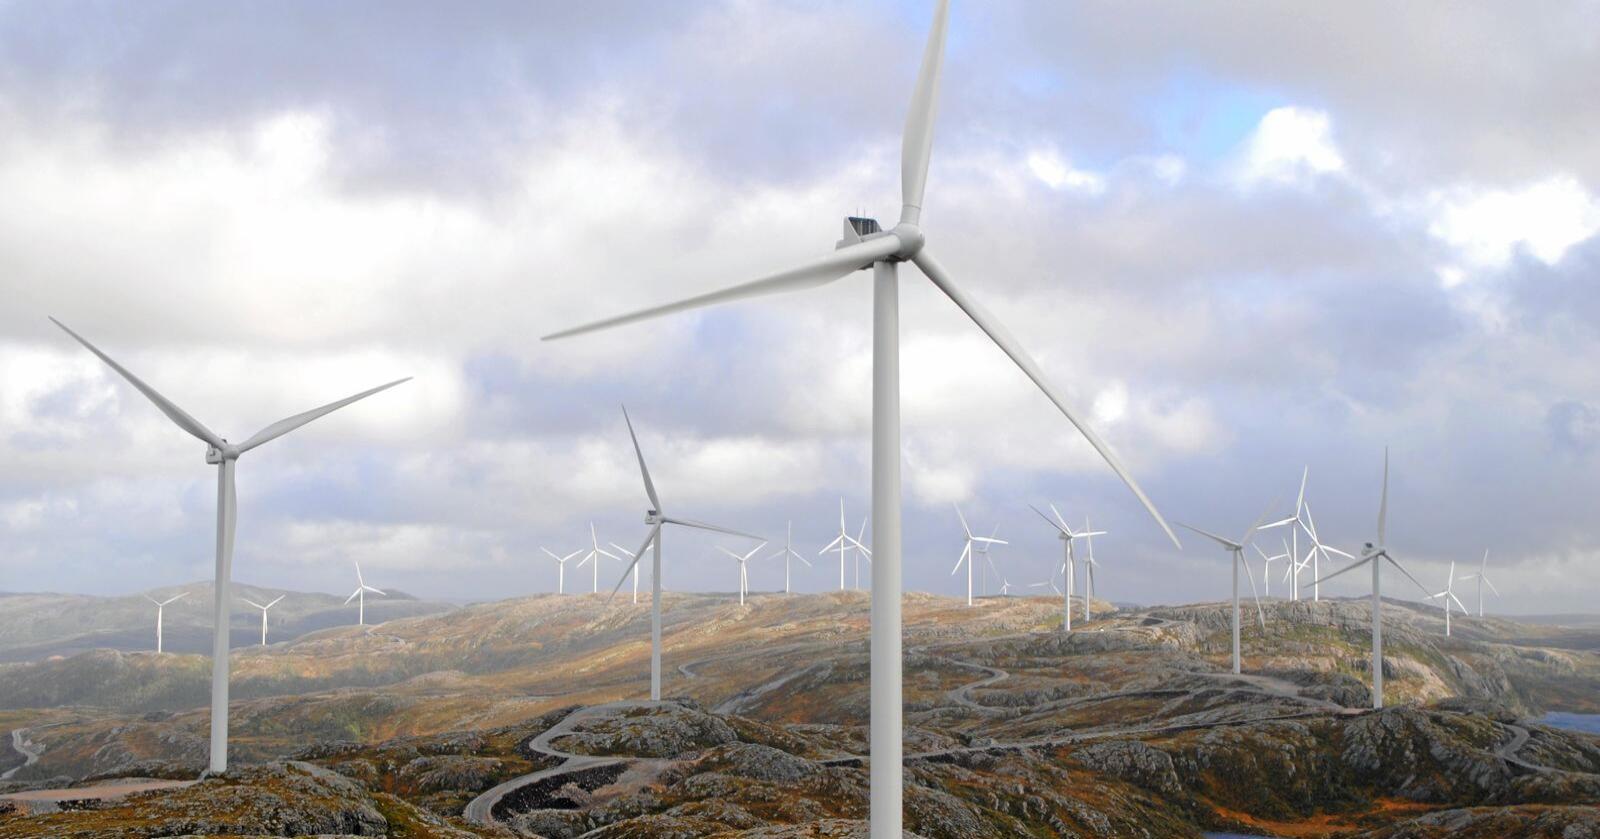 For vindkraft ligger Norges natur klar for utbygging med solide subsidier og utsikter til mye og rask profitt, skriver innsenderen. Foto: Lars Bilit Hagen